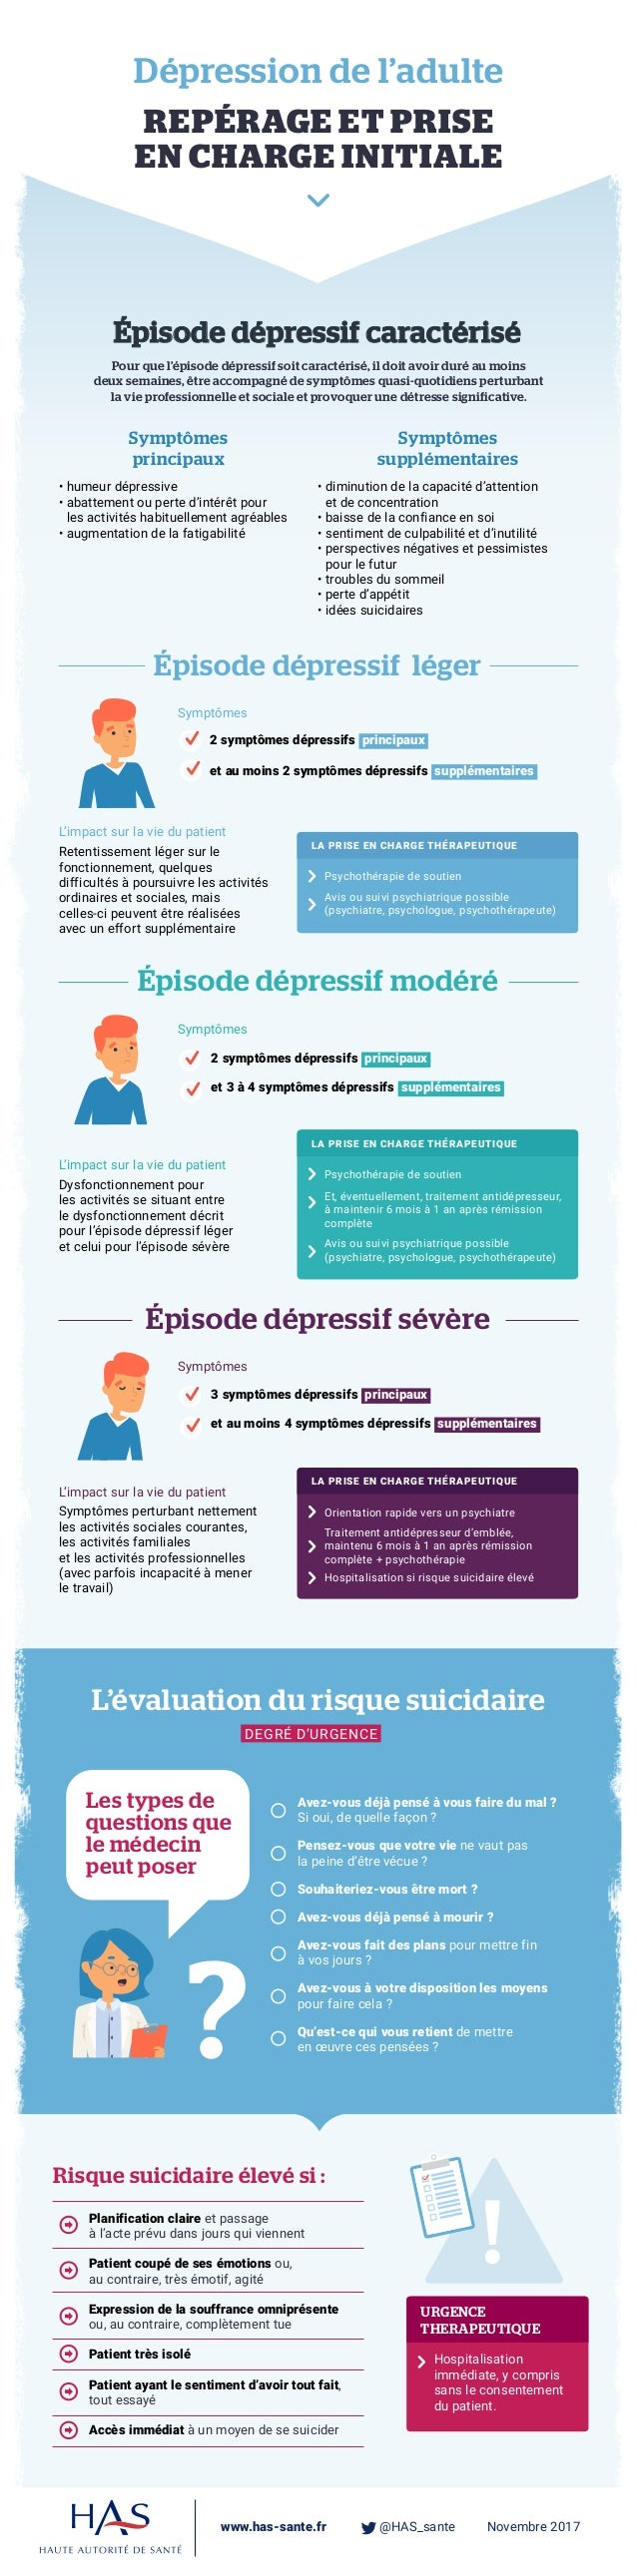 L'évaluation du risque suicidaire ? Dépression de l'adulte REPÉRAGE ET PRISE EN CHARGE INITIALE www.has-sante.fr  @HAS_s...